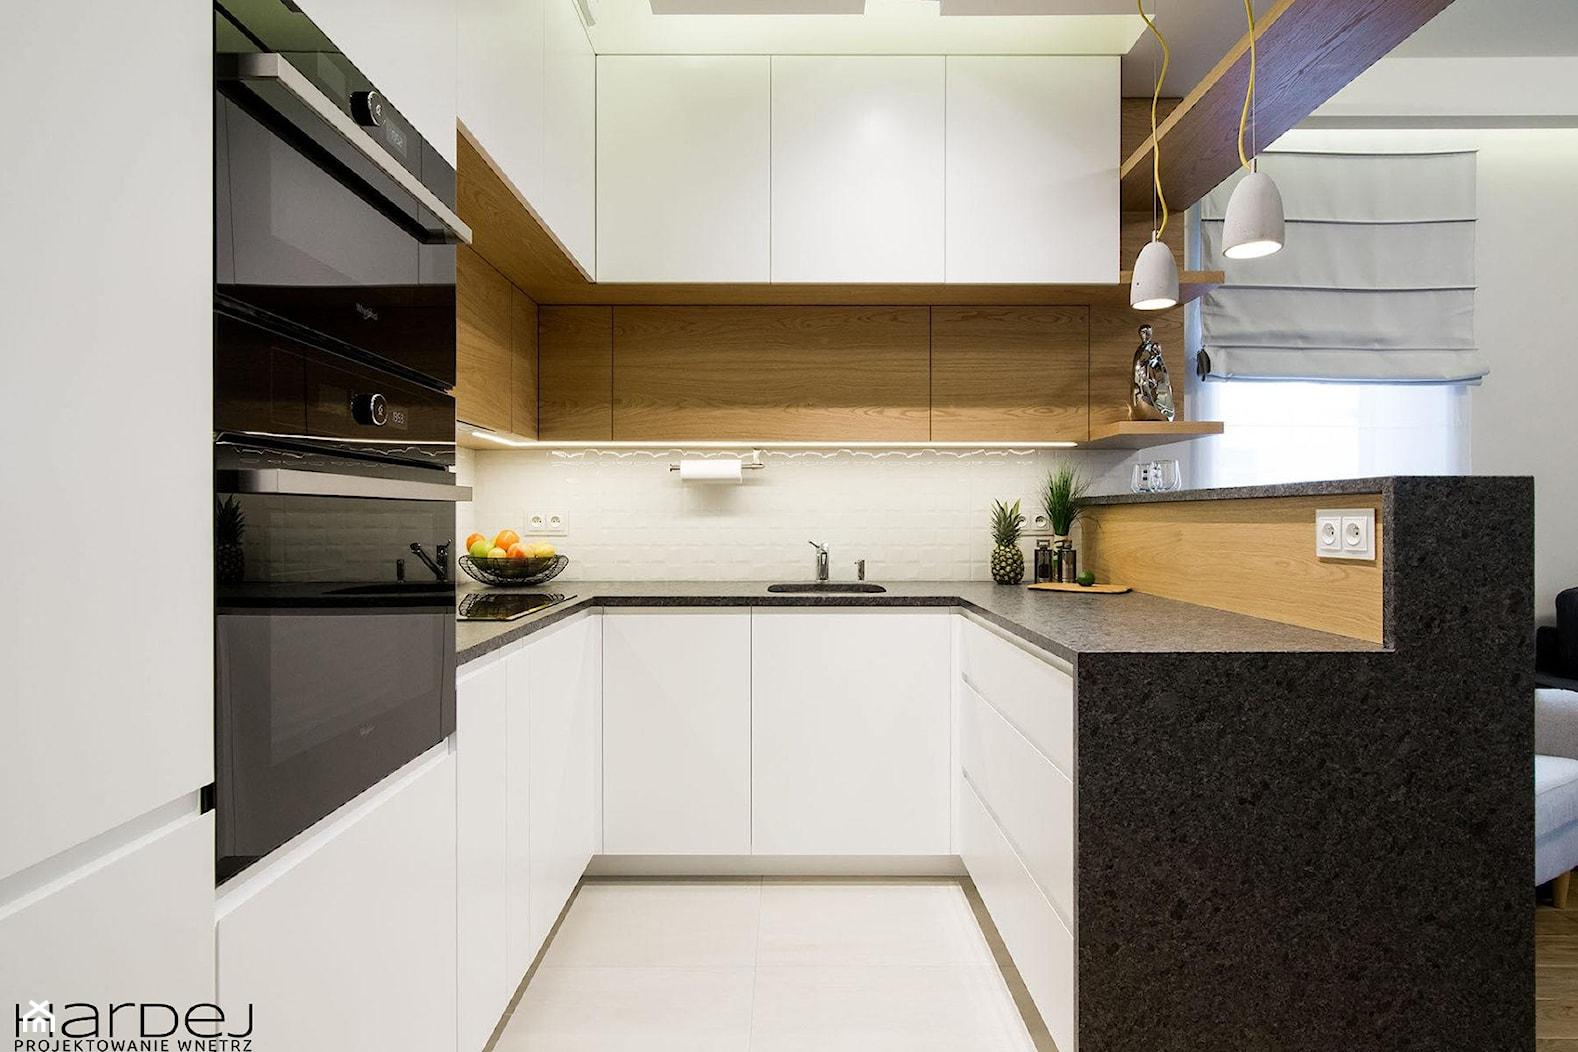 inspiracja drewnem - Średnia otwarta szara kuchnia w kształcie litery u w aneksie z oknem, styl skandynawski - zdjęcie od Monika Hardej Architekt - Homebook